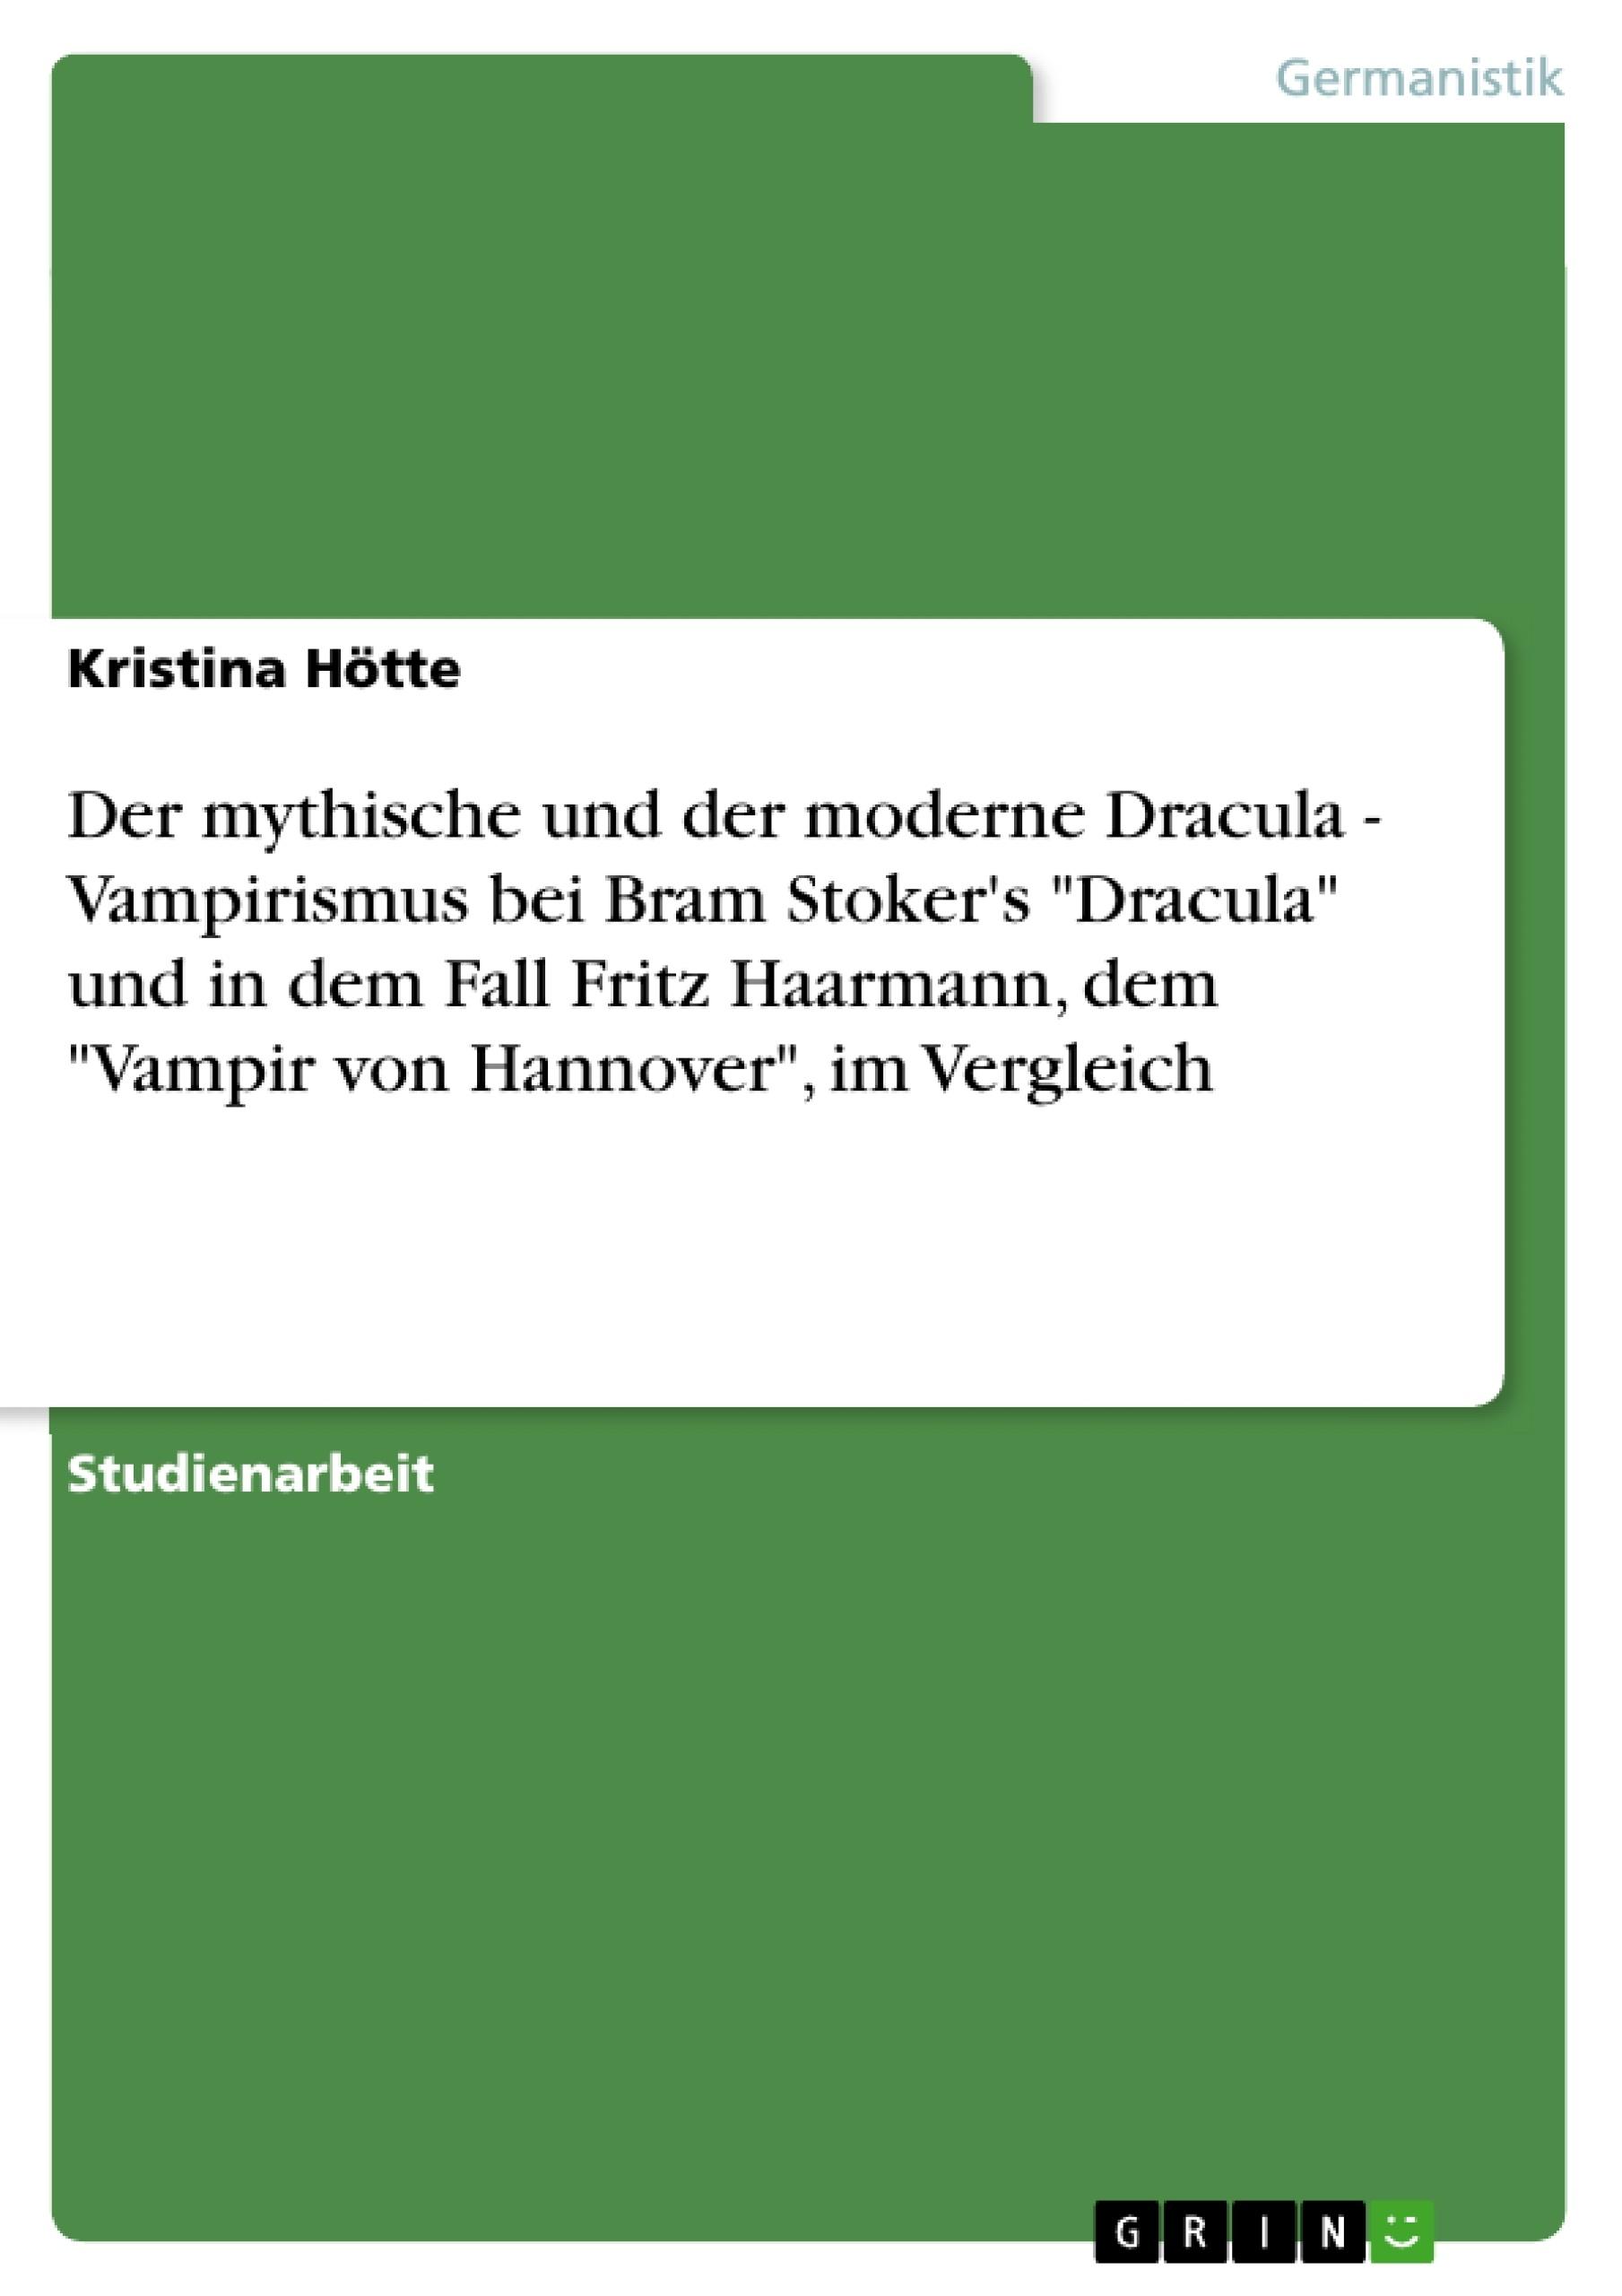 """Titel: Der mythische und der moderne Dracula - Vampirismus bei Bram Stoker's """"Dracula"""" und in dem Fall Fritz Haarmann, dem """"Vampir von Hannover"""", im Vergleich"""